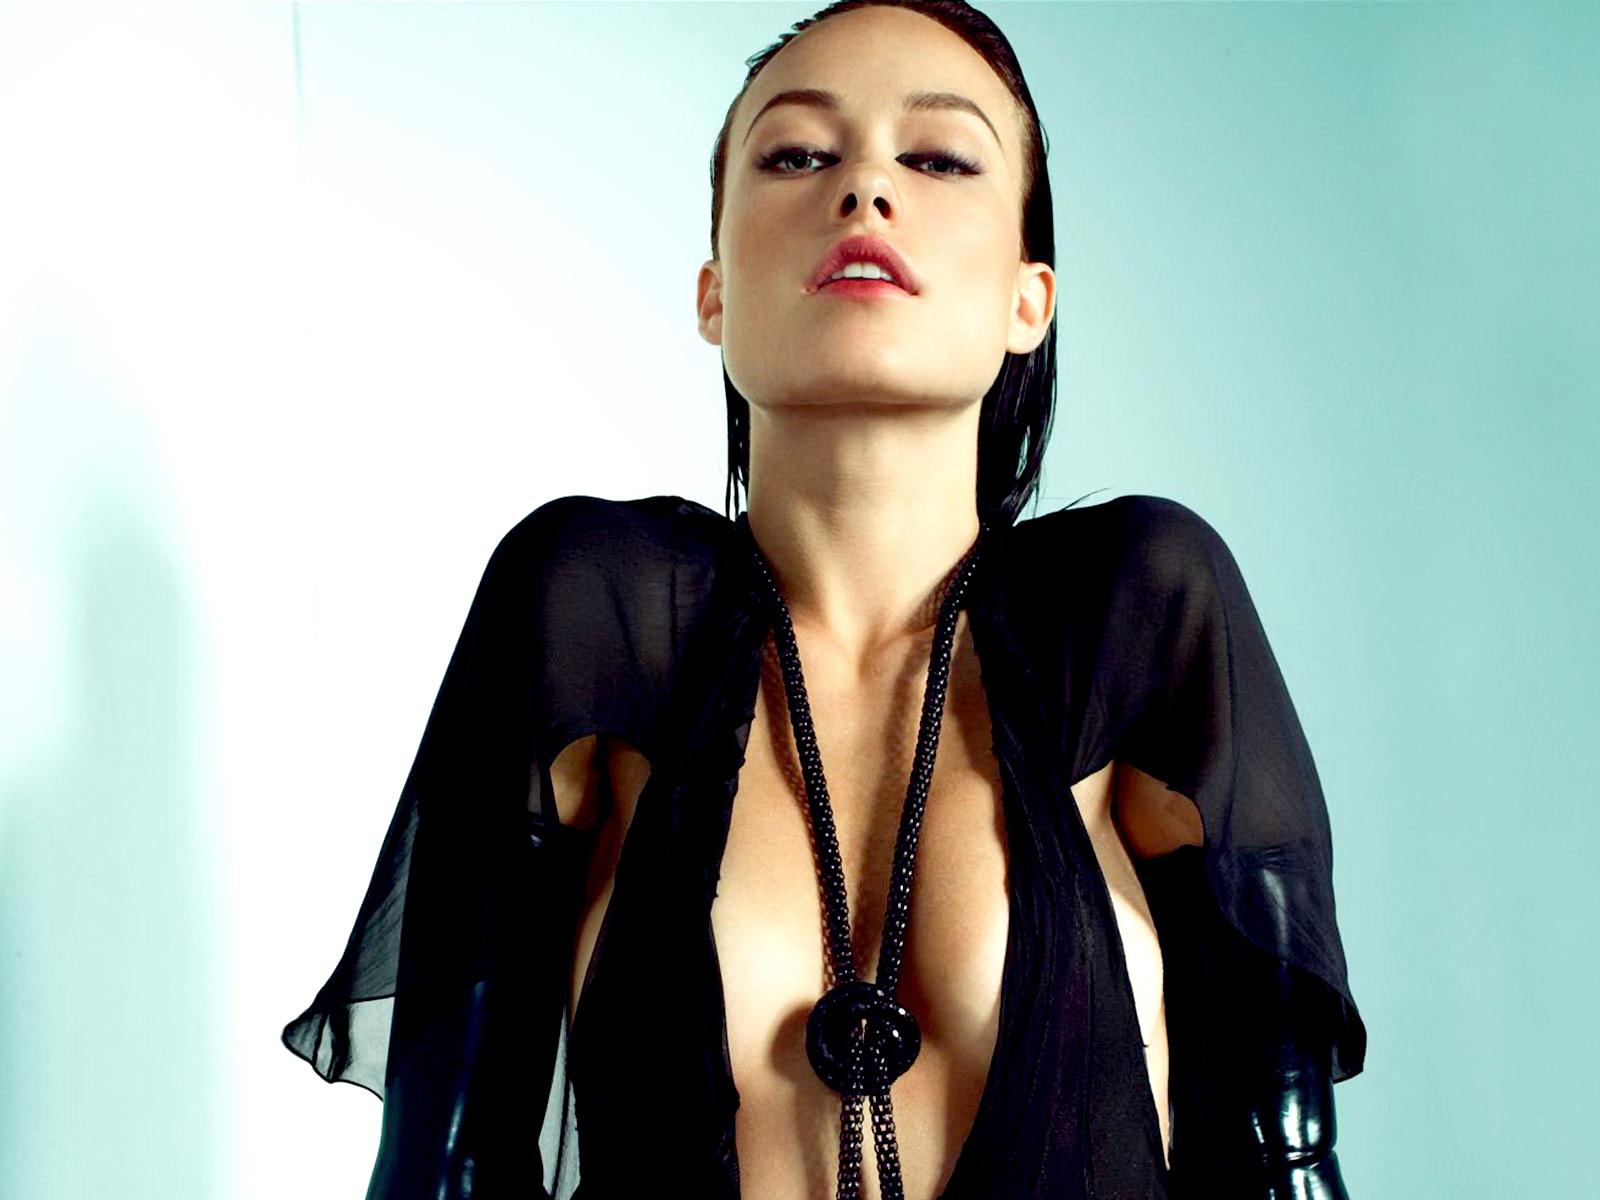 http://2.bp.blogspot.com/-8rNloVEf21Q/TlYmbcResaI/AAAAAAAAB9o/681mUTOB5O8/s1600/Olivia+Wilde+08.jpg